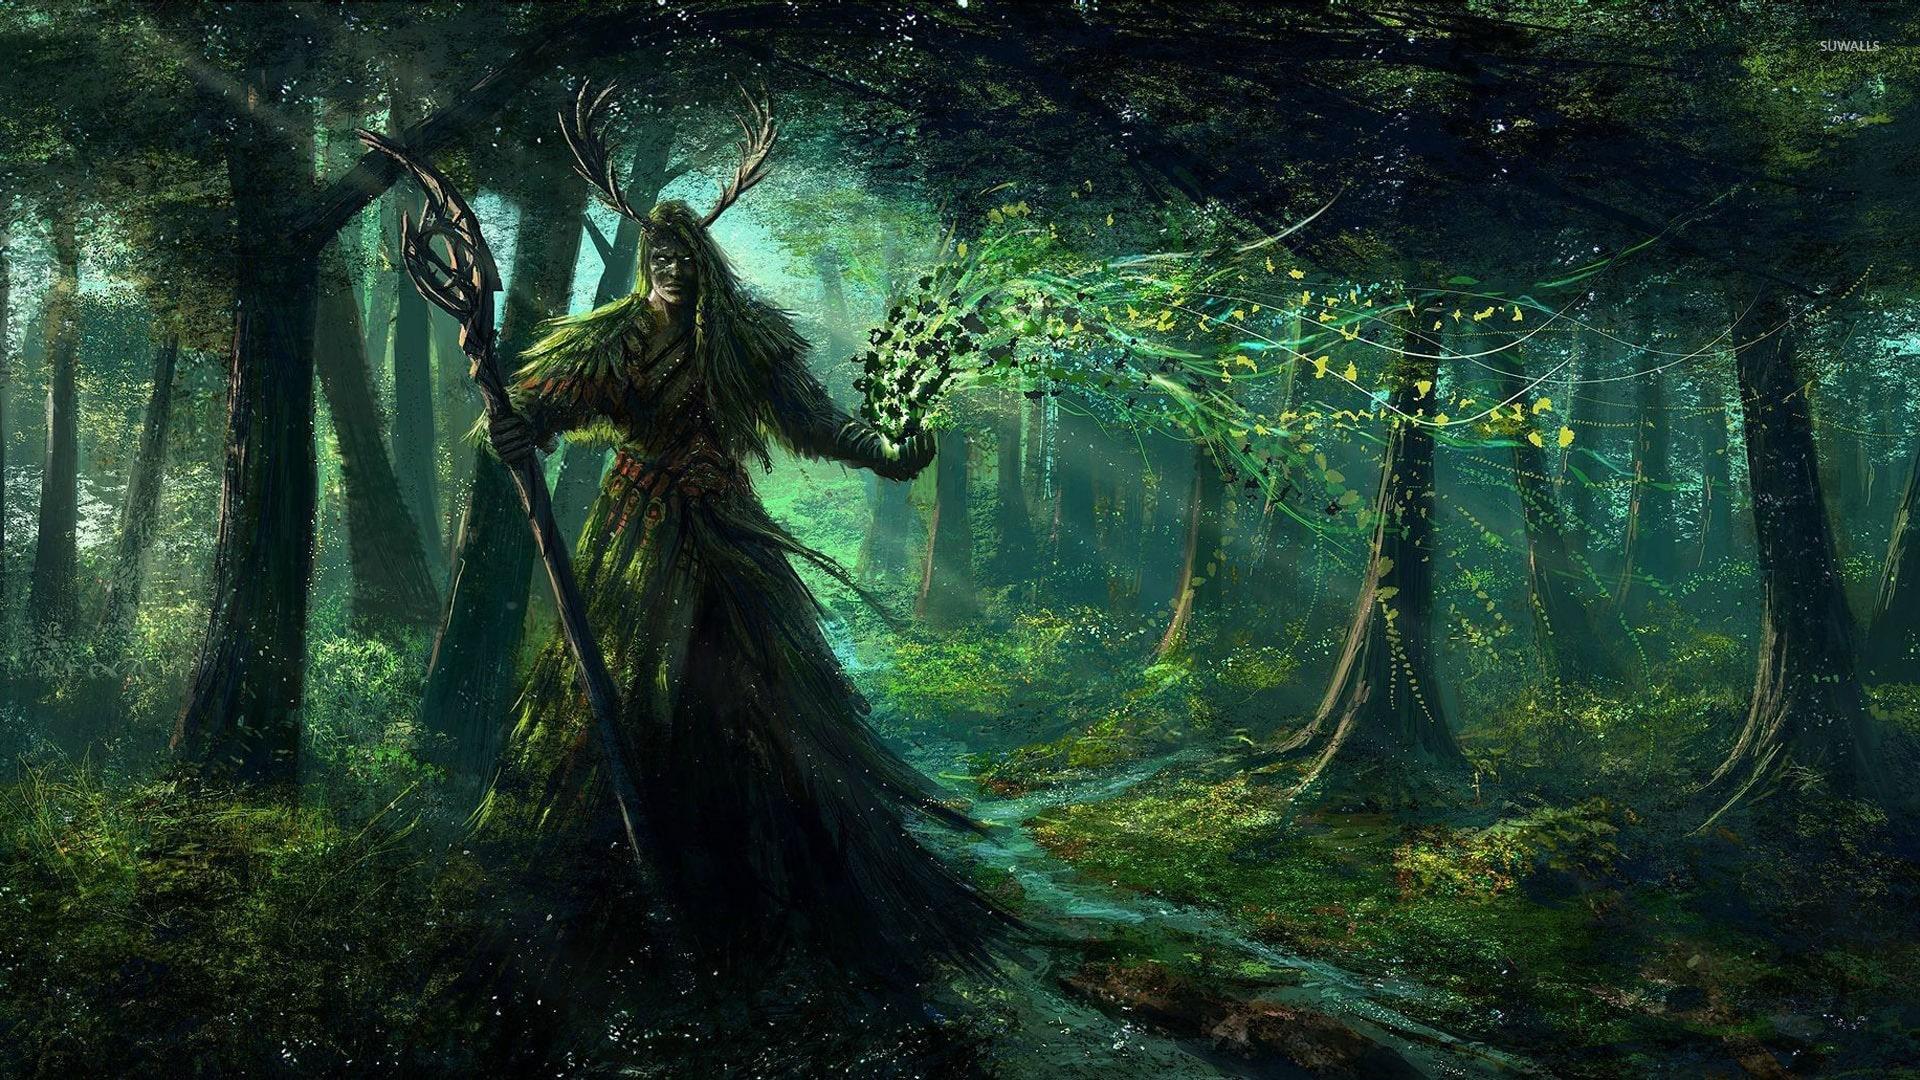 Лесную нечисть селяне сжигали и без инквизиции